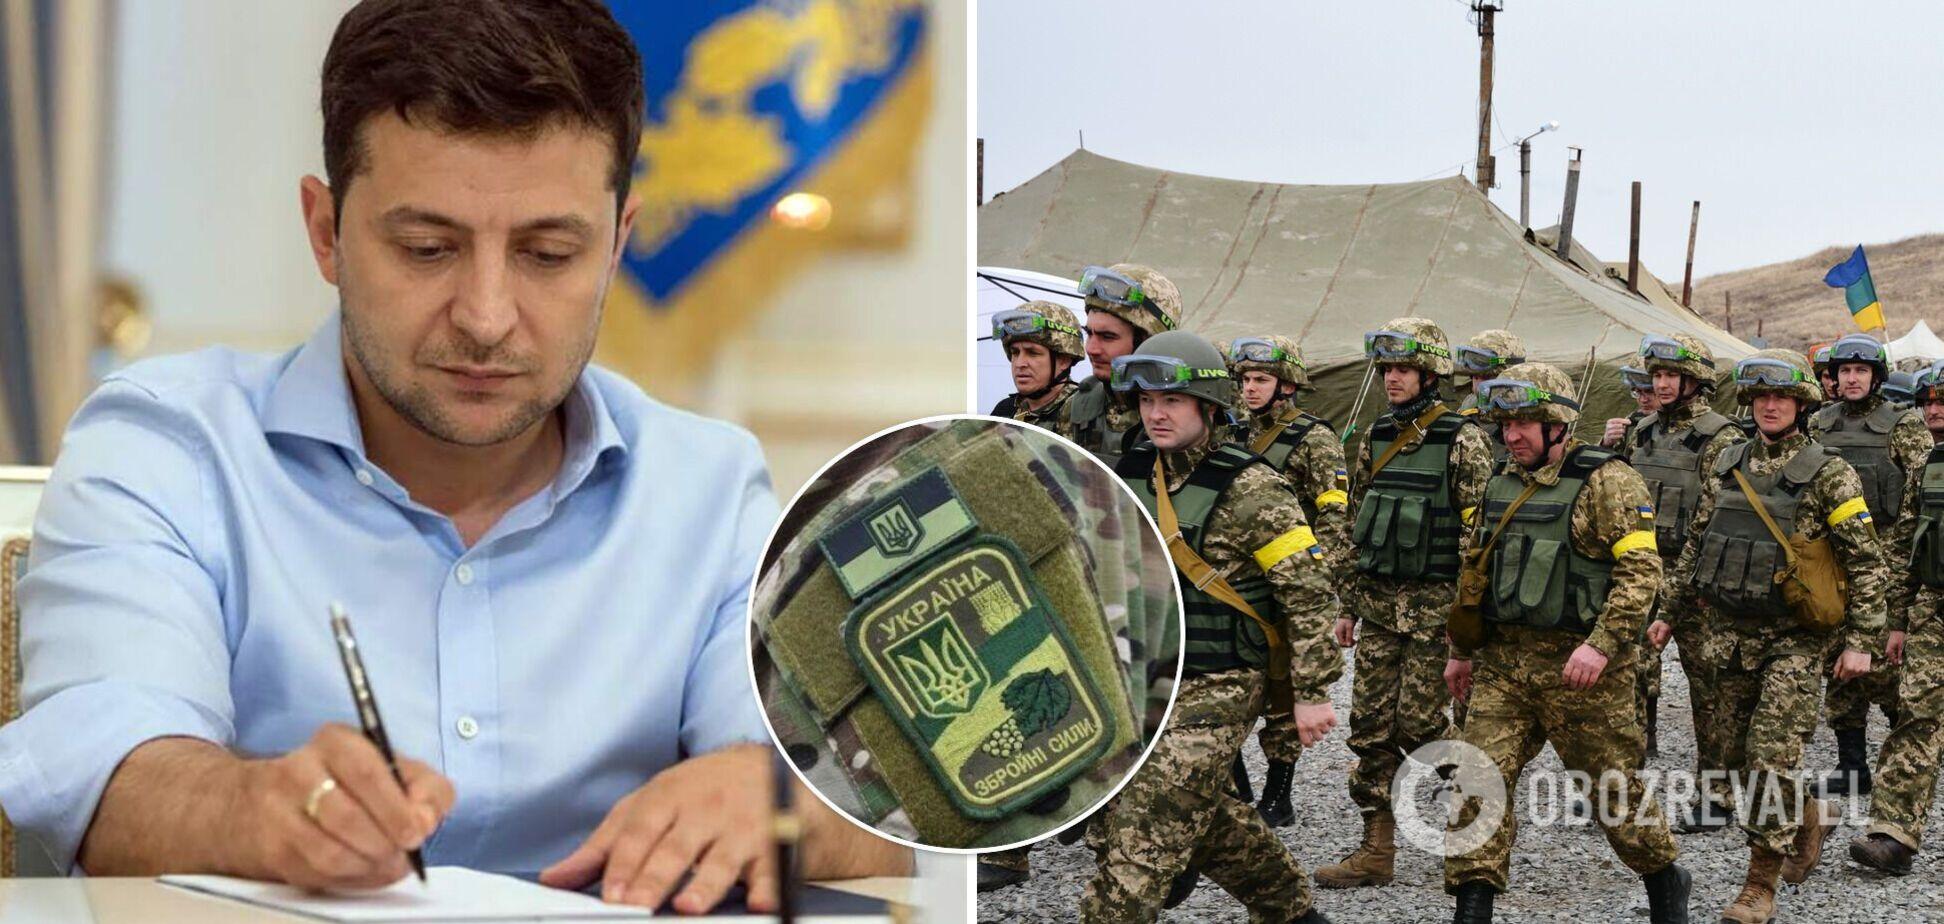 В Украине без мобилизации будут призывать тех, кто уже отслужил: что гарантируют и кому грозит наказание